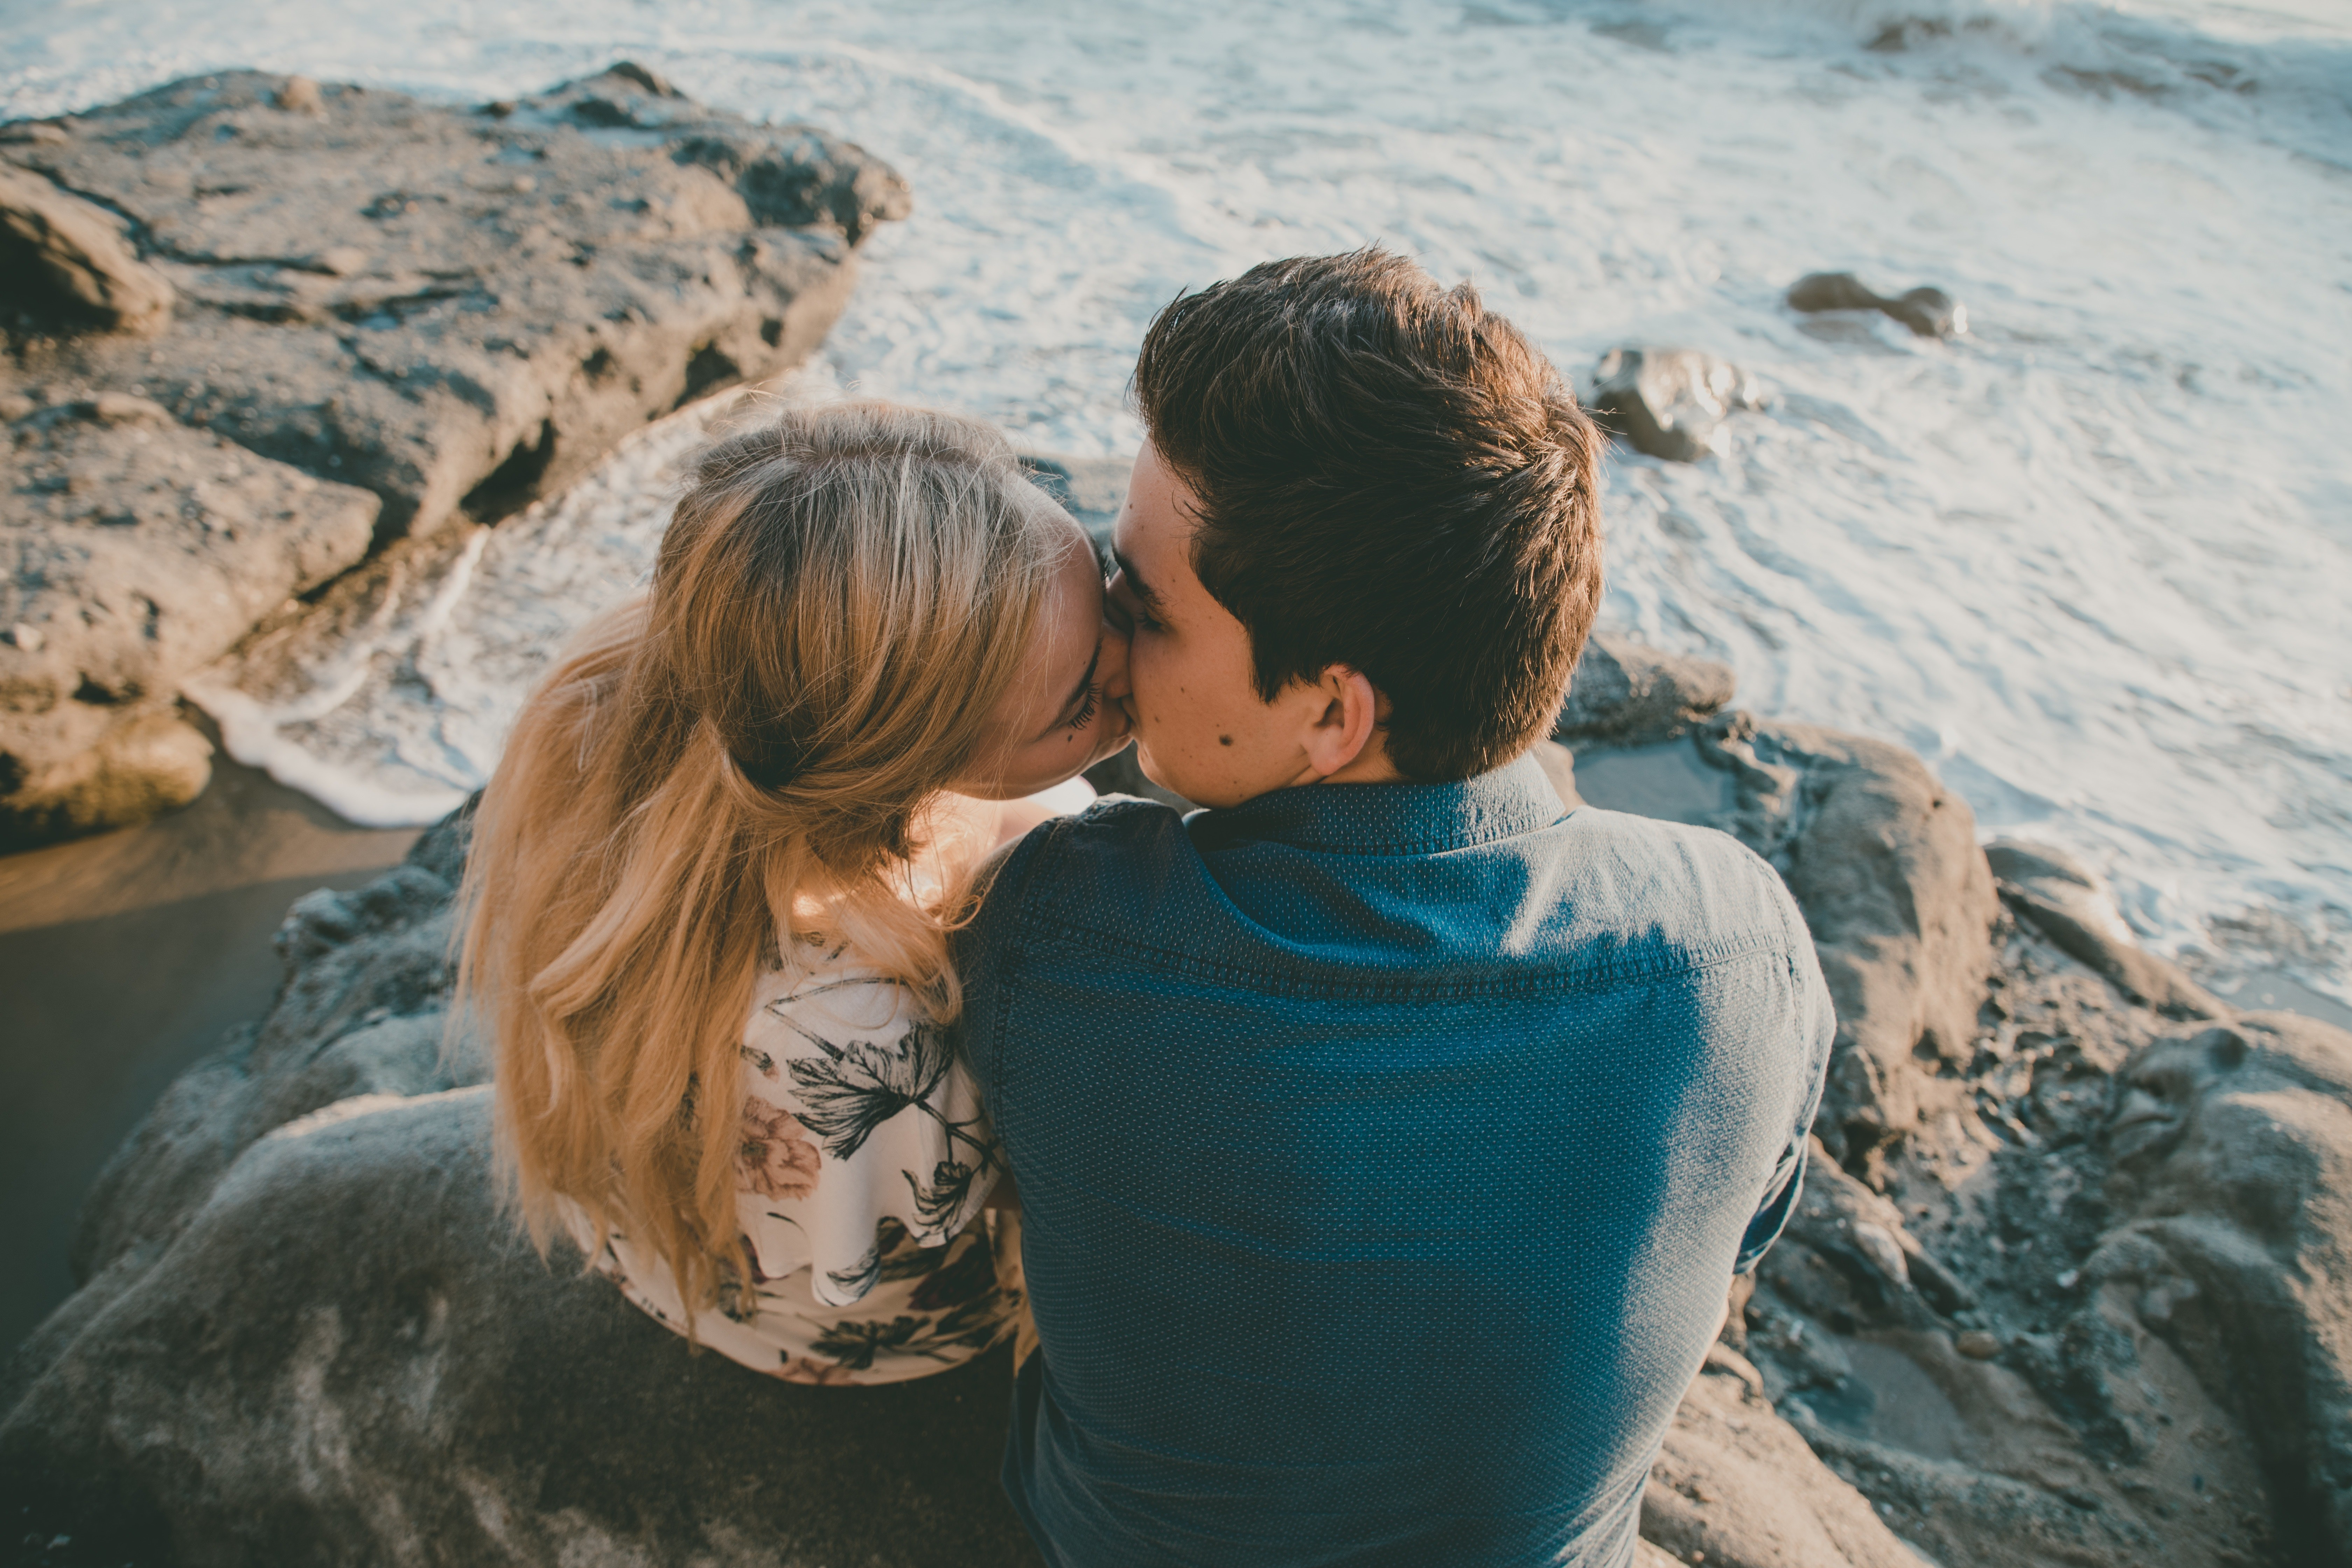 9 женских «нельзя»:как не стоит реагировать на предложение отправиться в романтическое путешествие